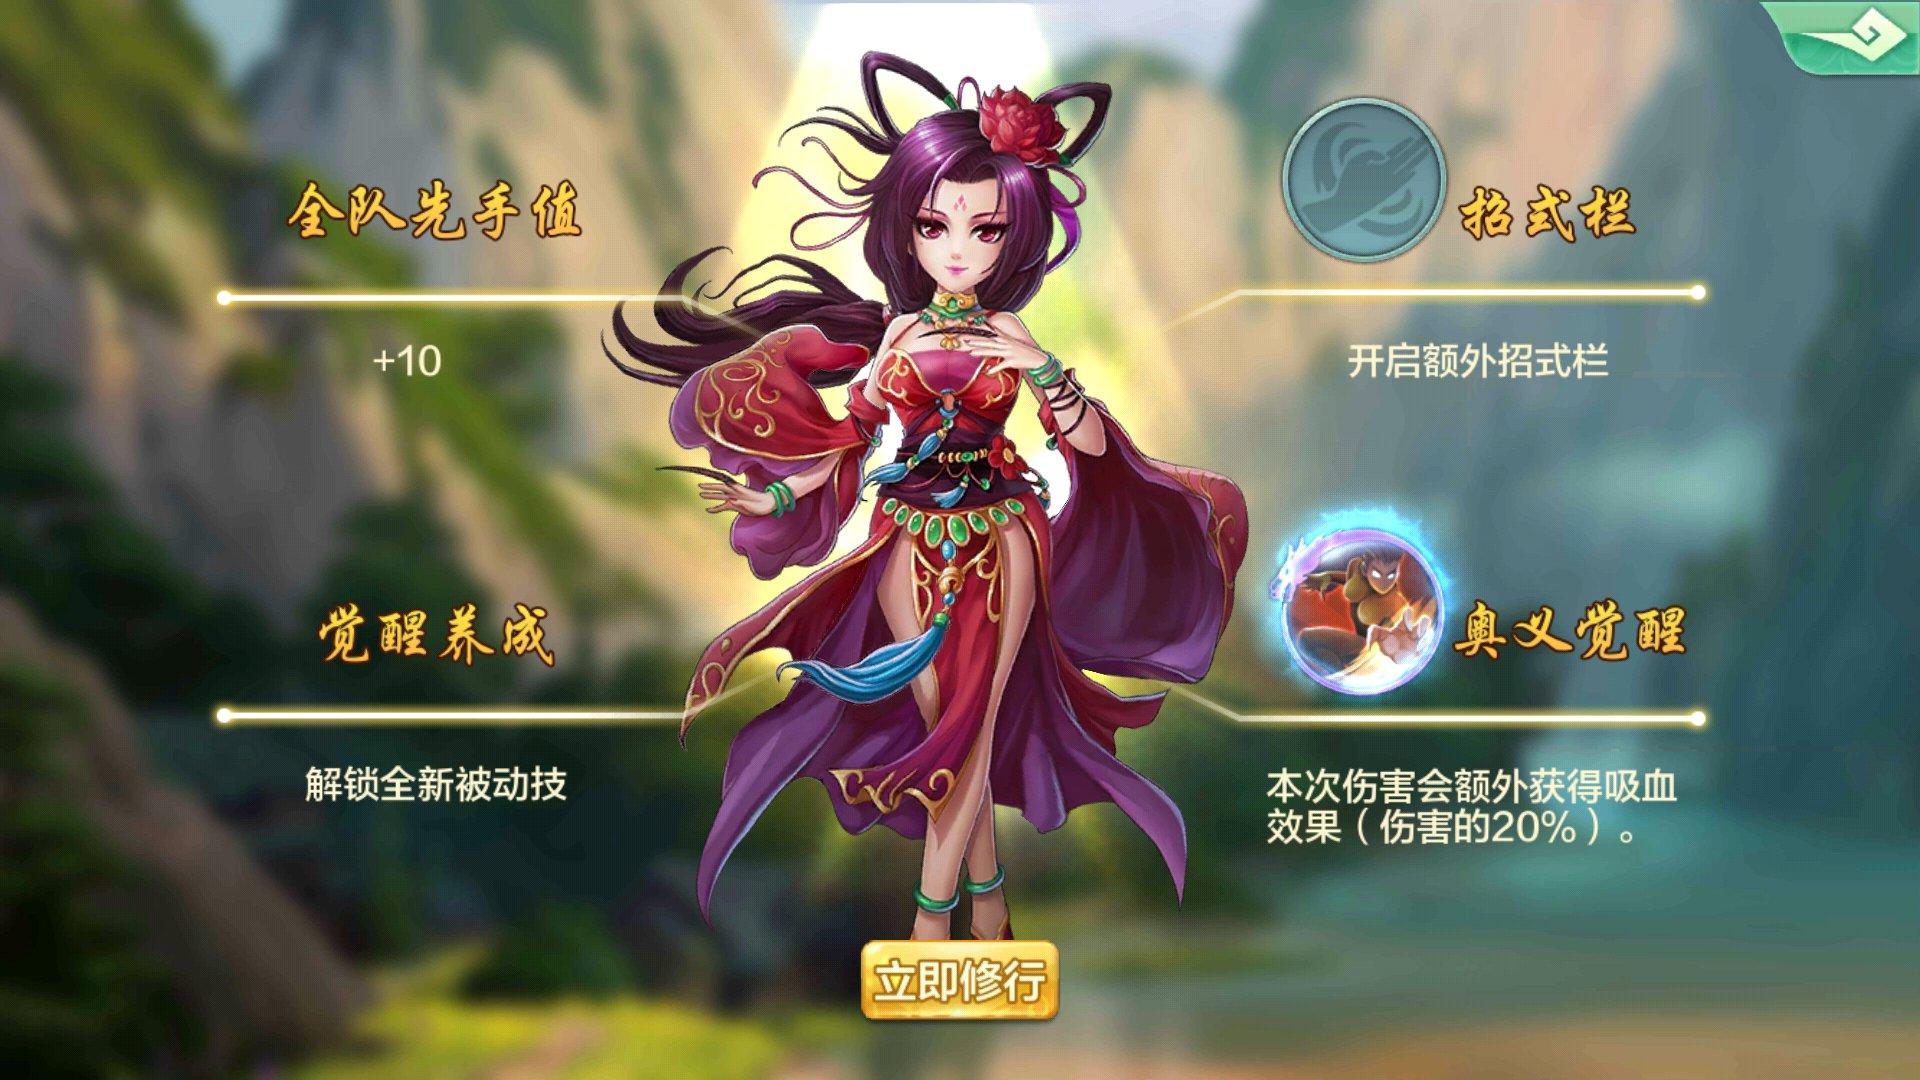 《侠客风云传online》夜叉、方云华、龙王三位侠客即将觉醒!